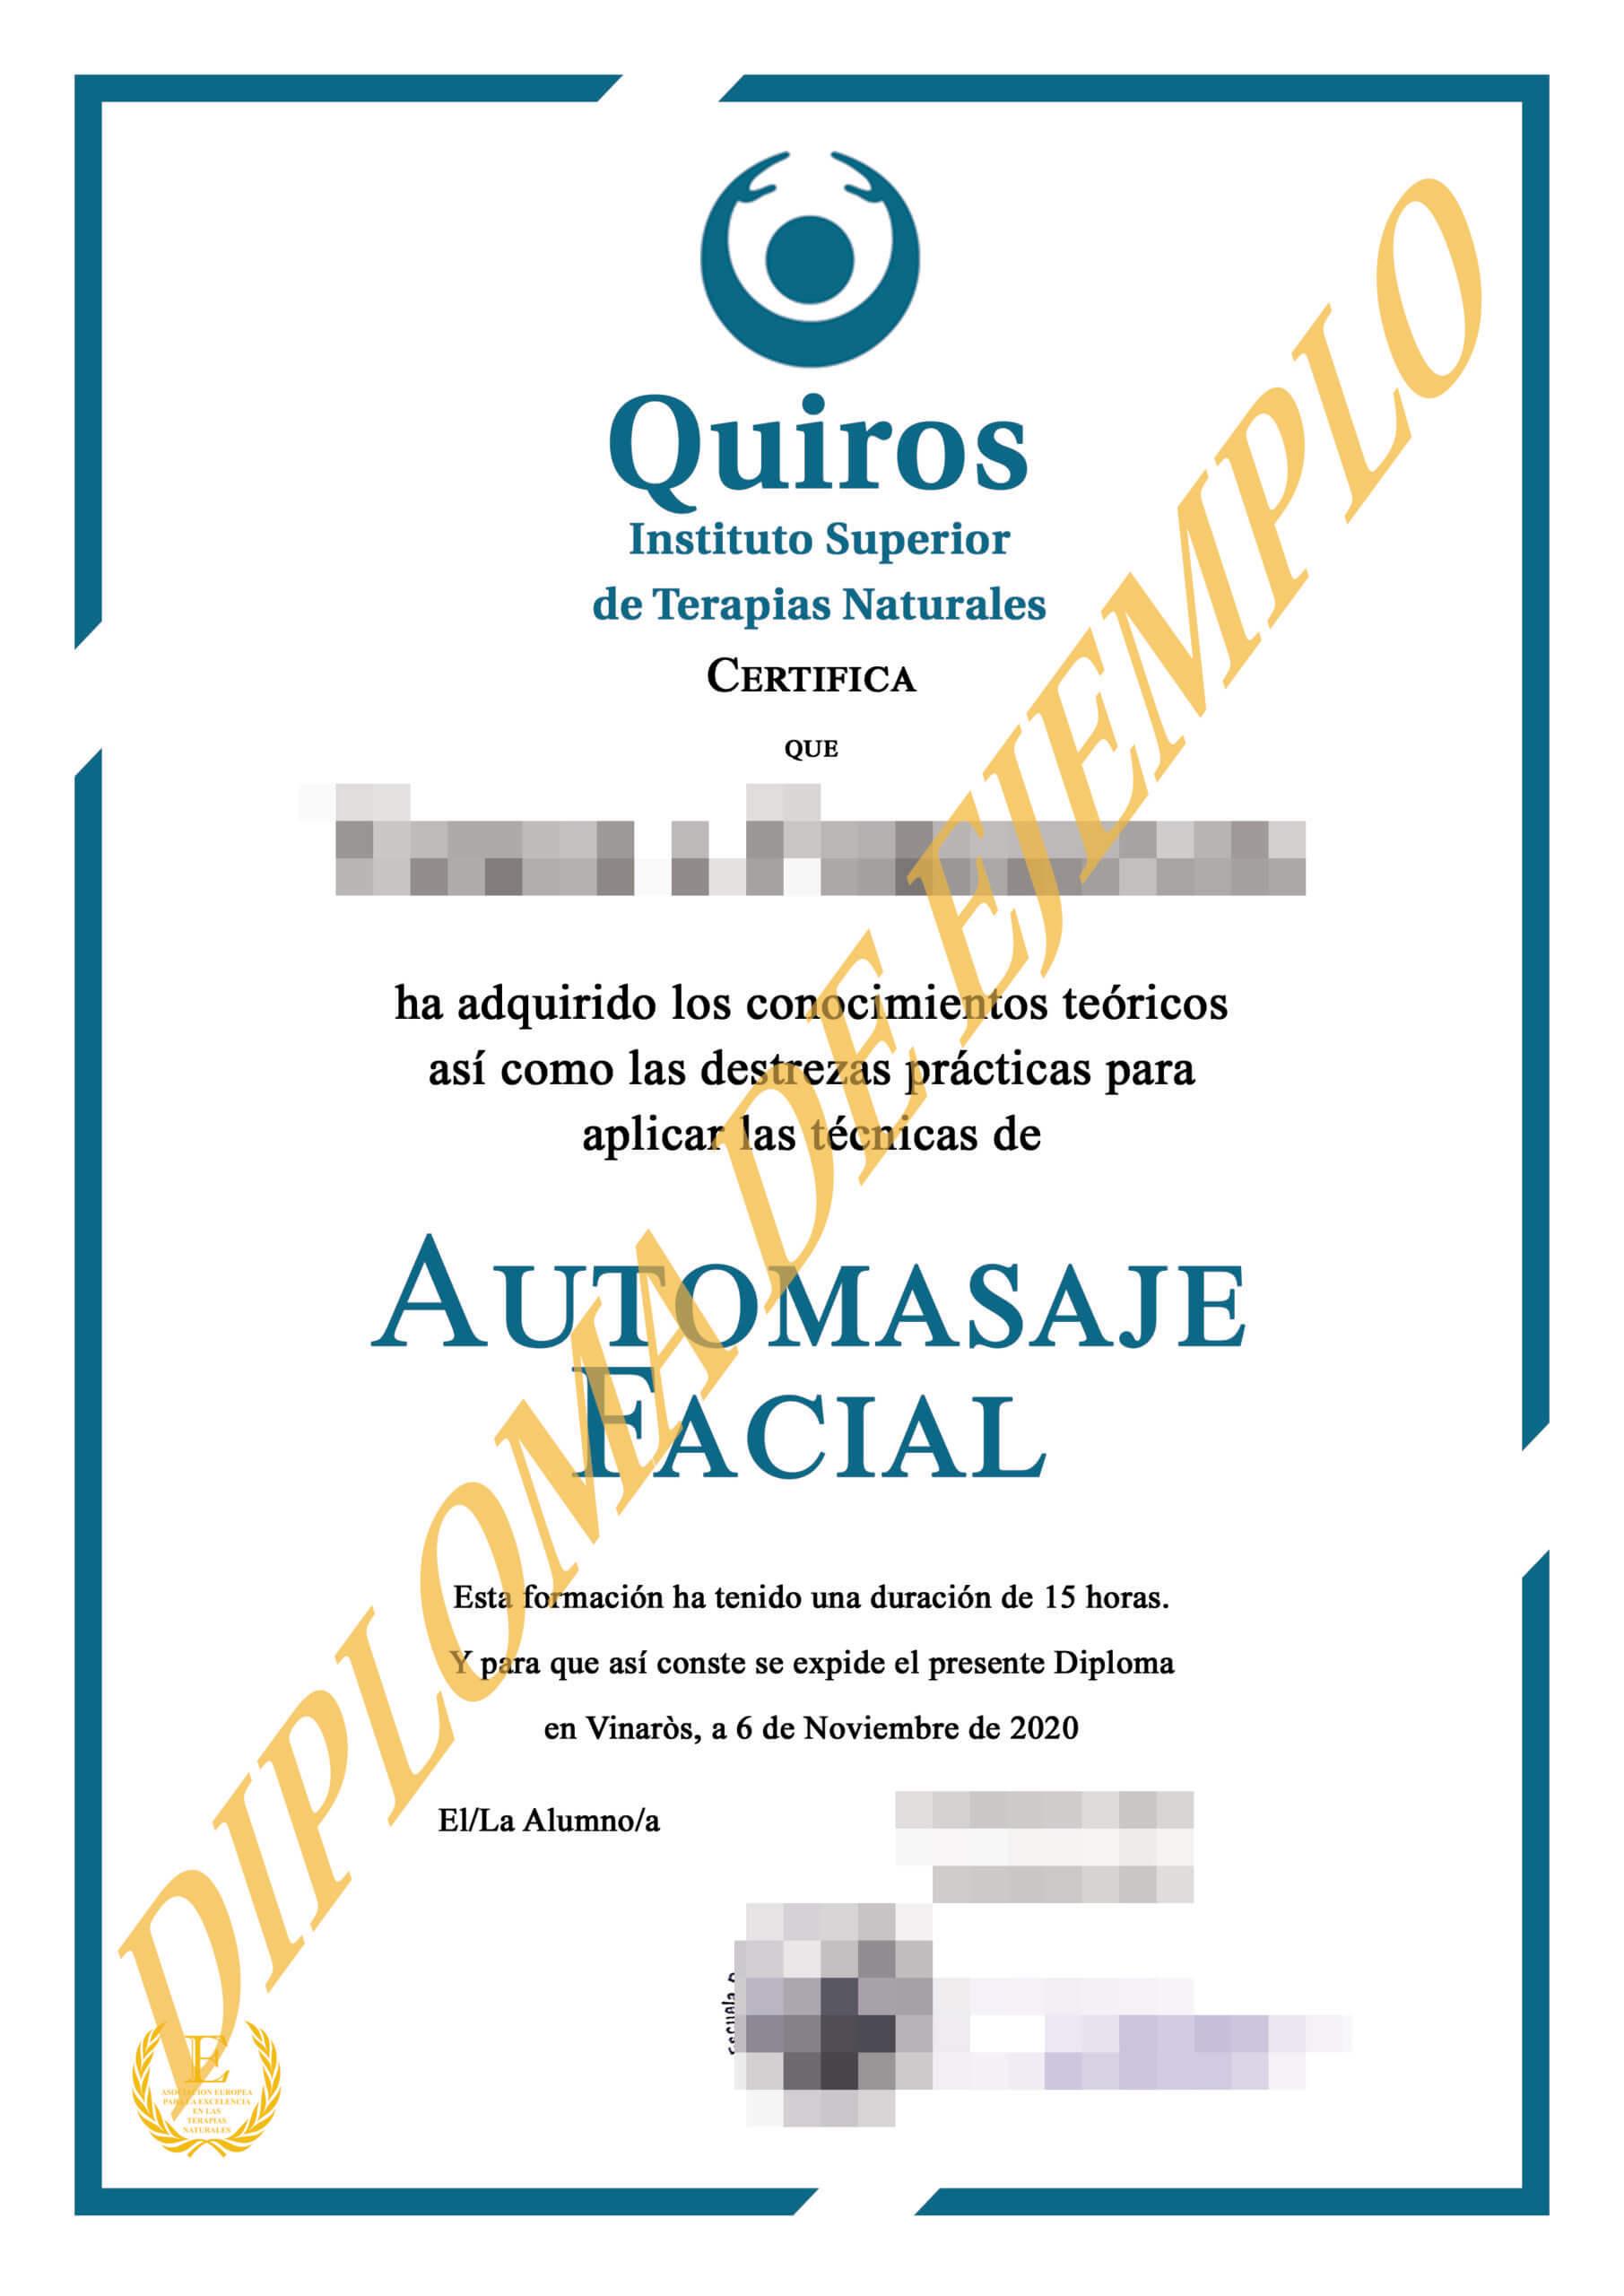 CURSO DE AUTOMASAJE FACIAL MASAJE CARA